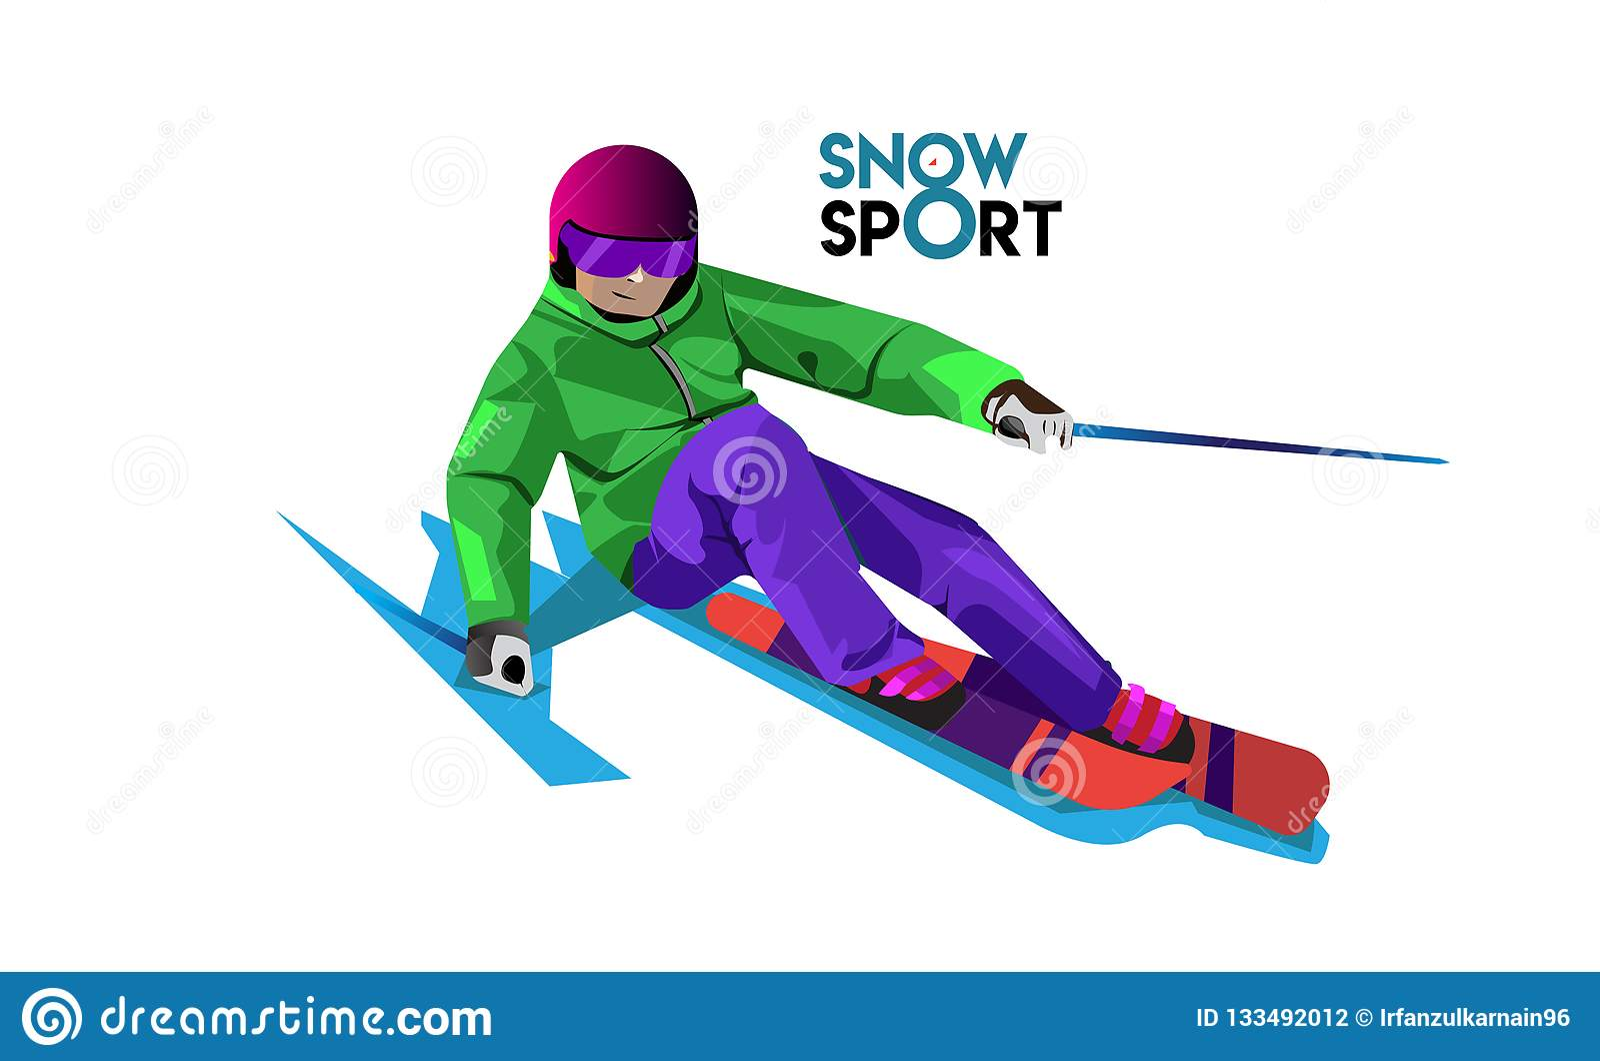 Snow sport logo ideas with vector